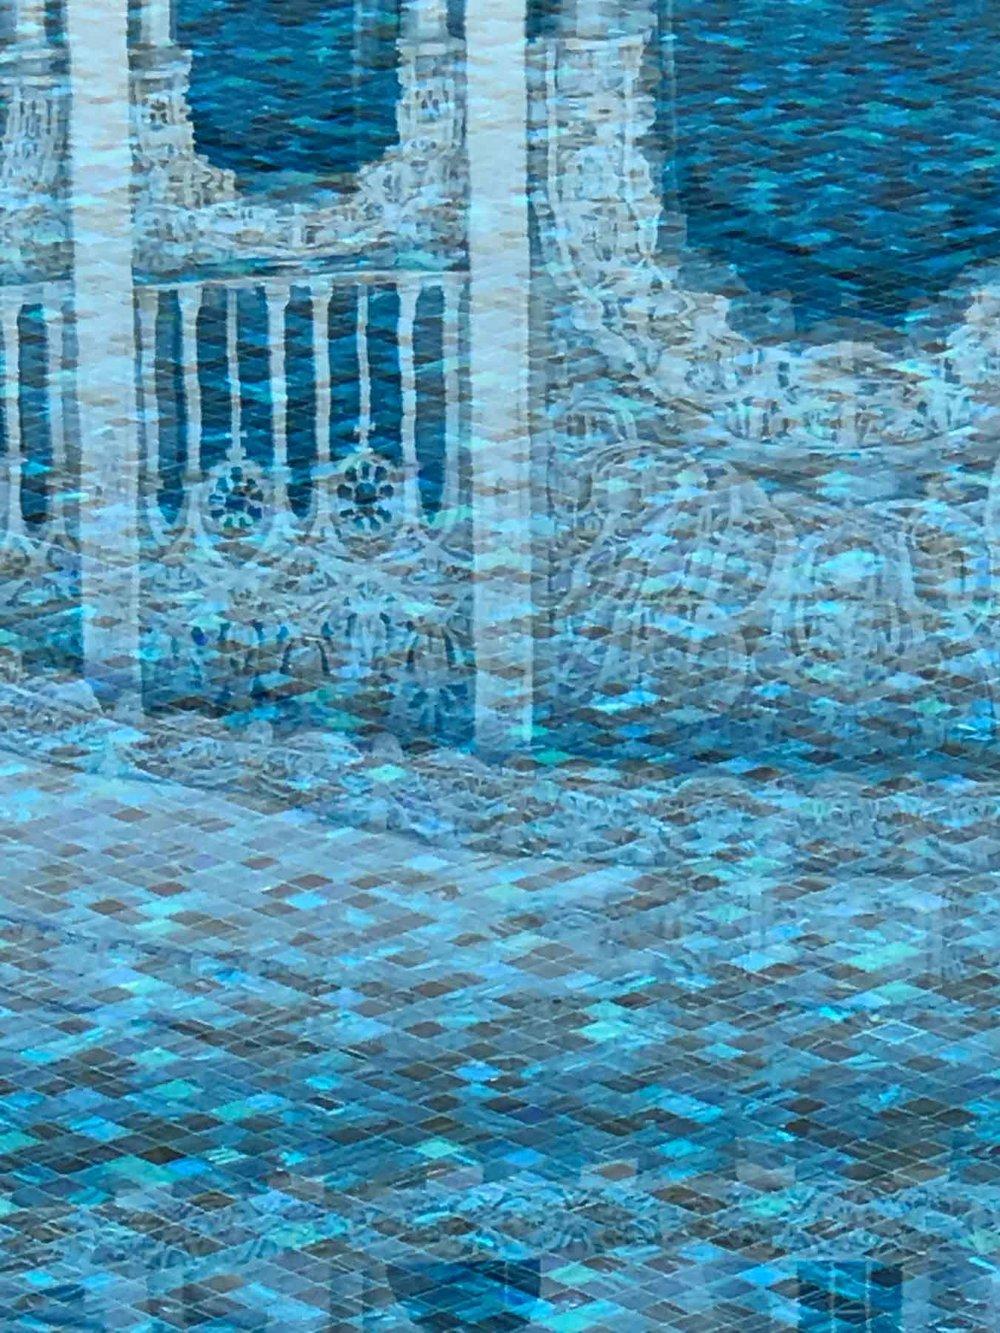 Baha'i water garden reflection.